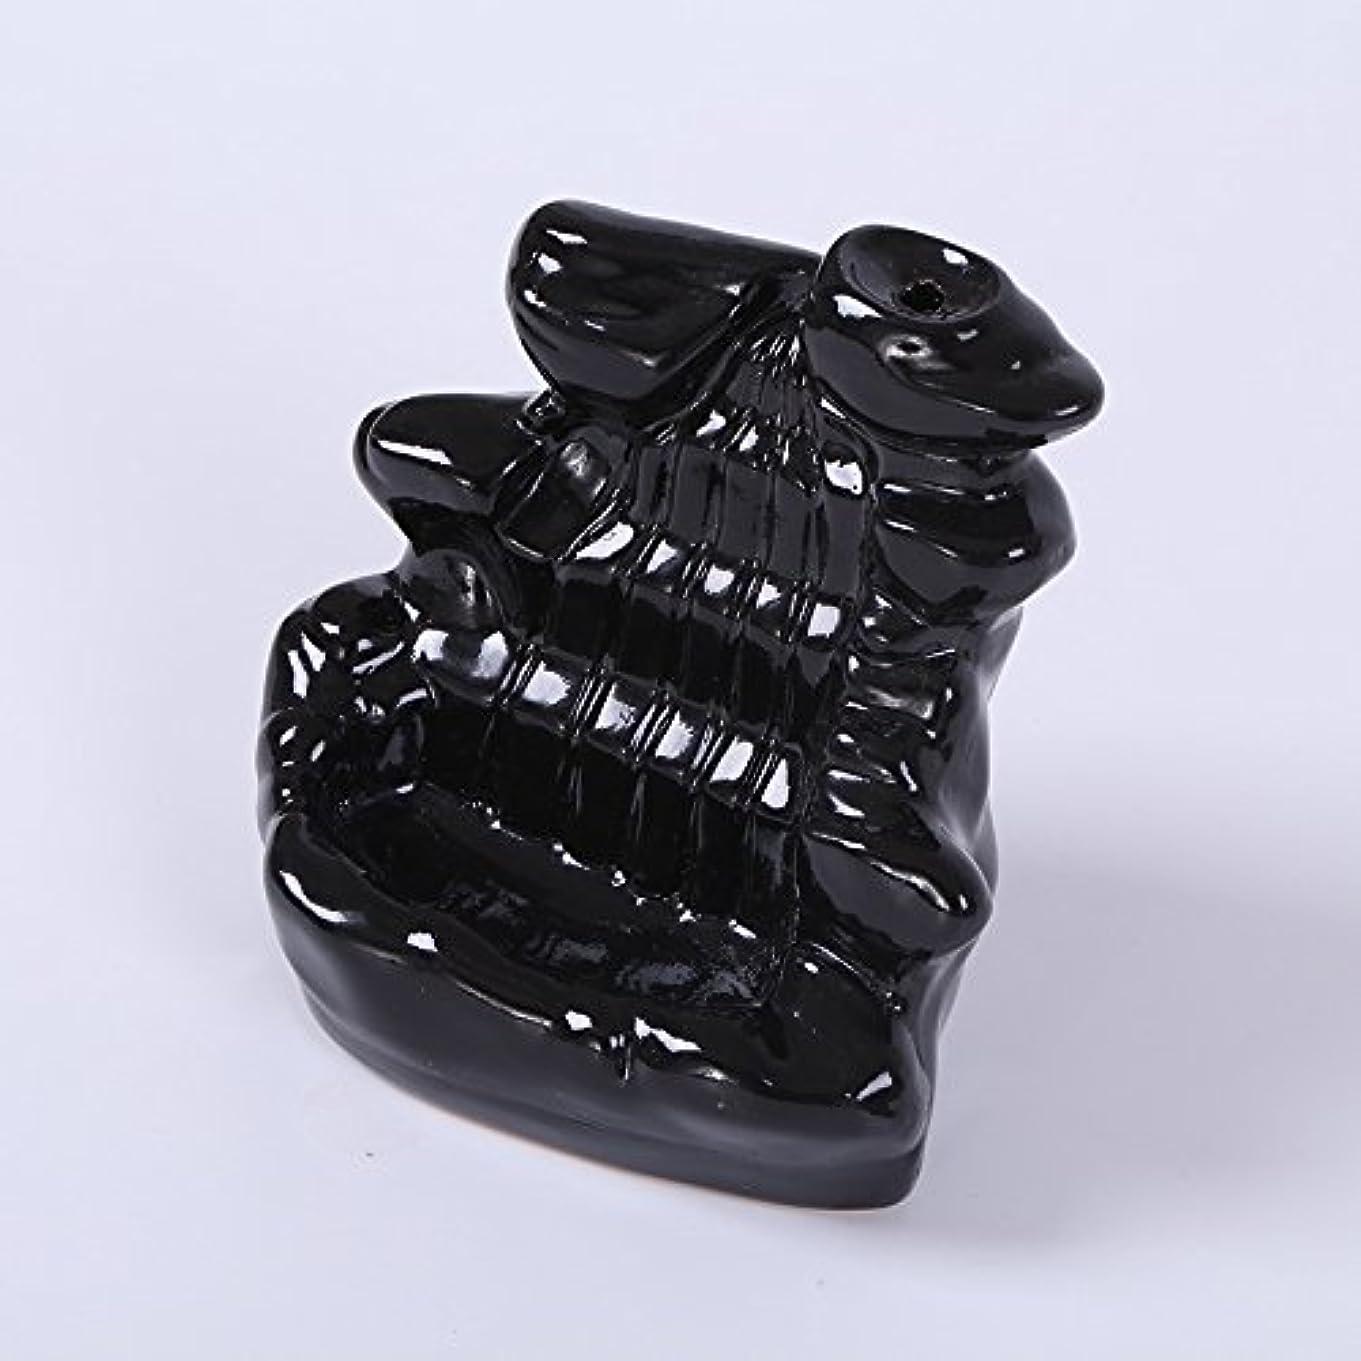 クリック発表する絶え間ないKicode ブラック 滝の磁器の逆流 セラミックコーン 香炉 ホルダー仏教ホームオフィスデコレーション